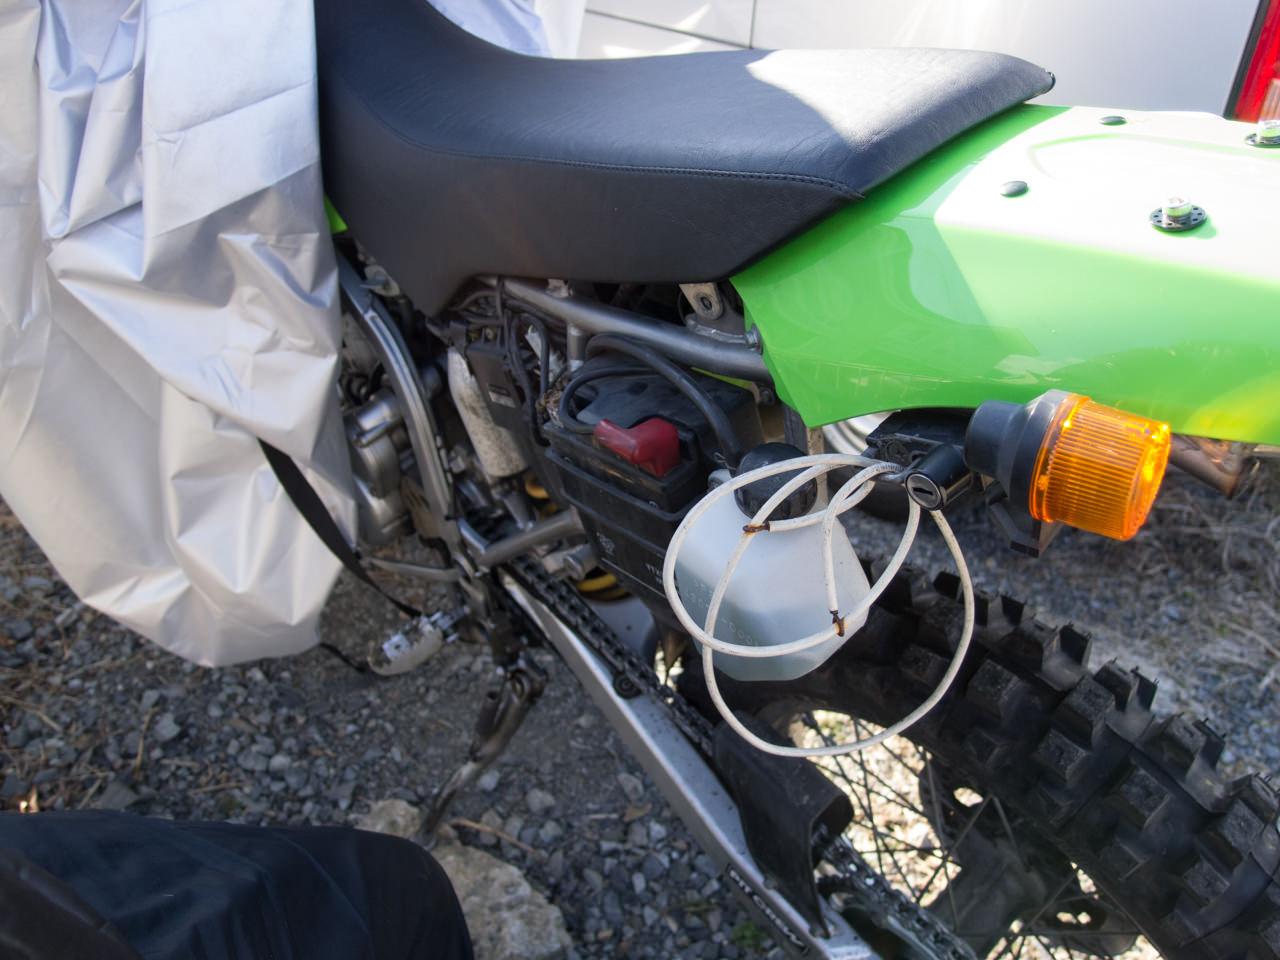 ナンバー 灯 バイク